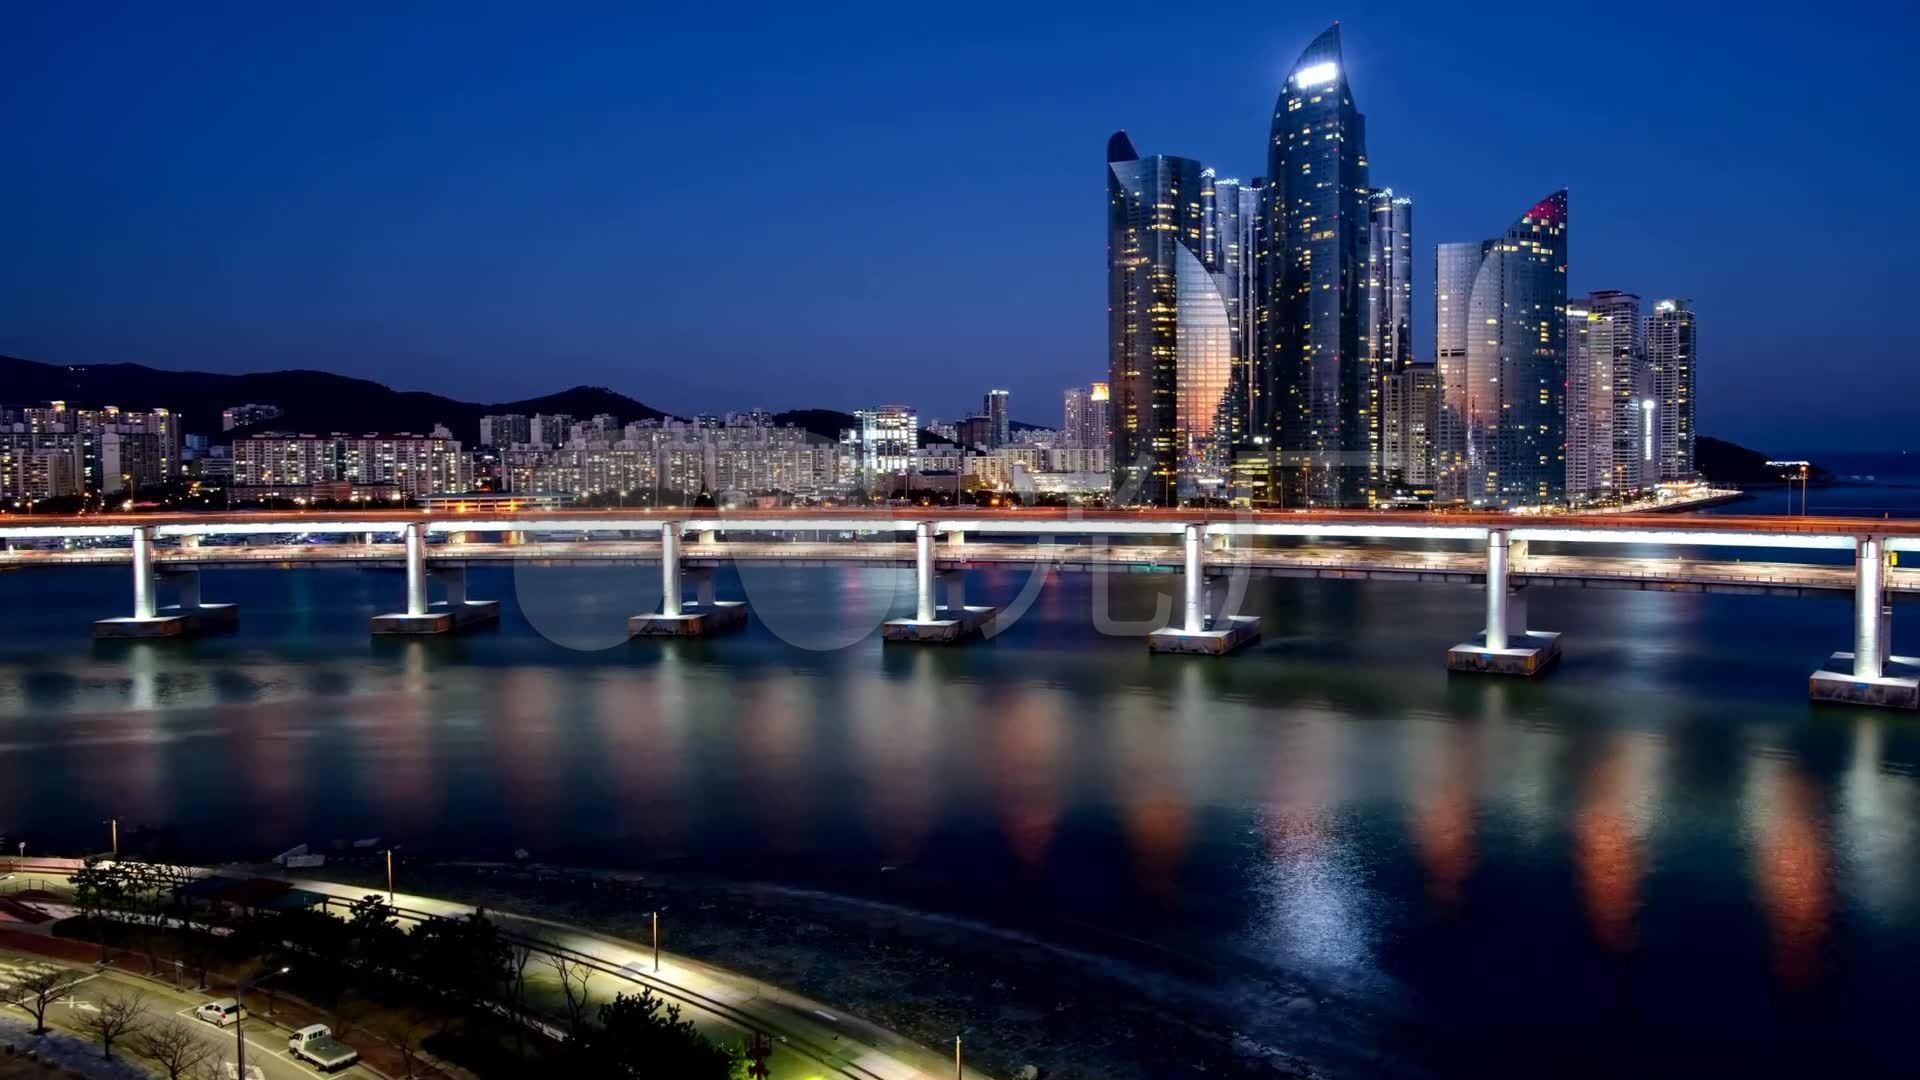 韩国釜山米拉克海滨视频延时v视频8872_1920lte公园图片